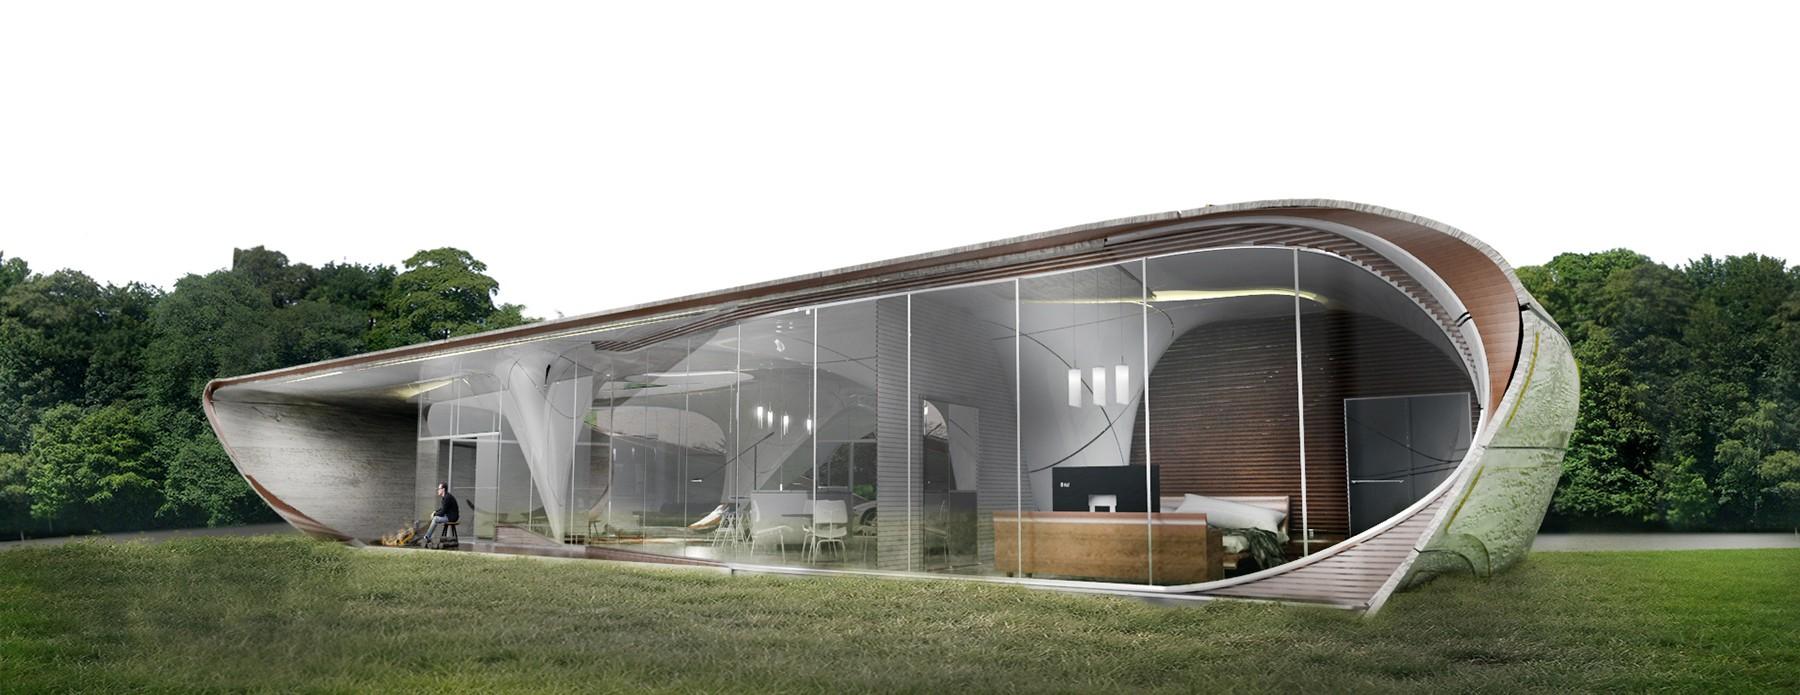 Casa elaborada pela WATG: a primeira do mundo na impressão 3D em formas livres (Foto: Divulgação)